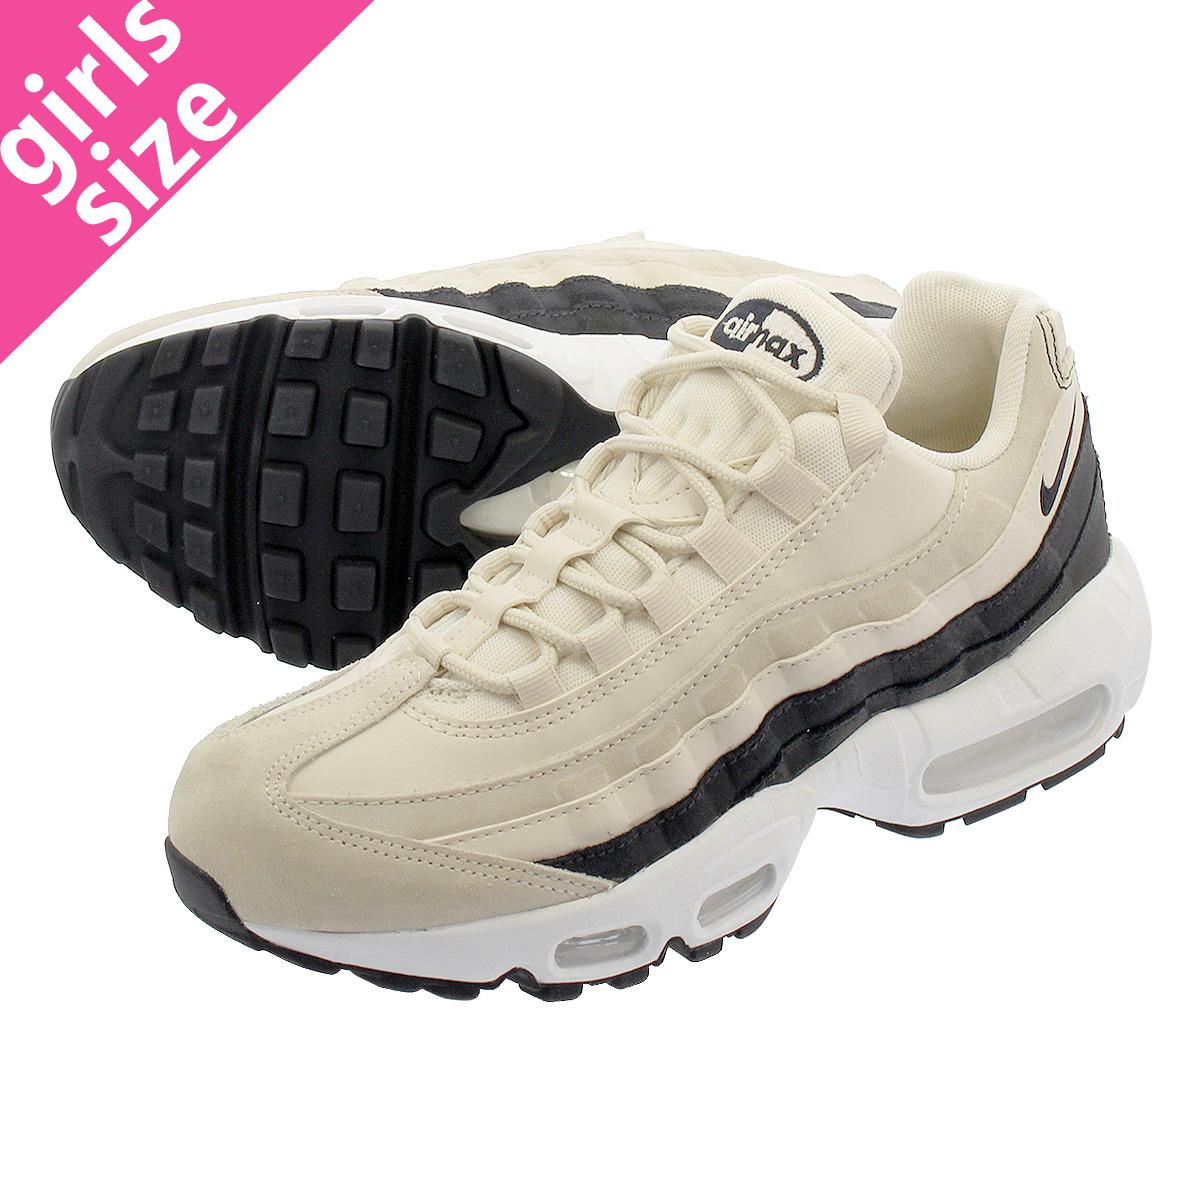 acheter populaire 01e8d b85b3 NIKE WMNS AIR MAX 95 PRM Nike women Air Max 95 premium LIGHT CREAM/OIL  GREY/SUMMIT WHITE 807,443-203